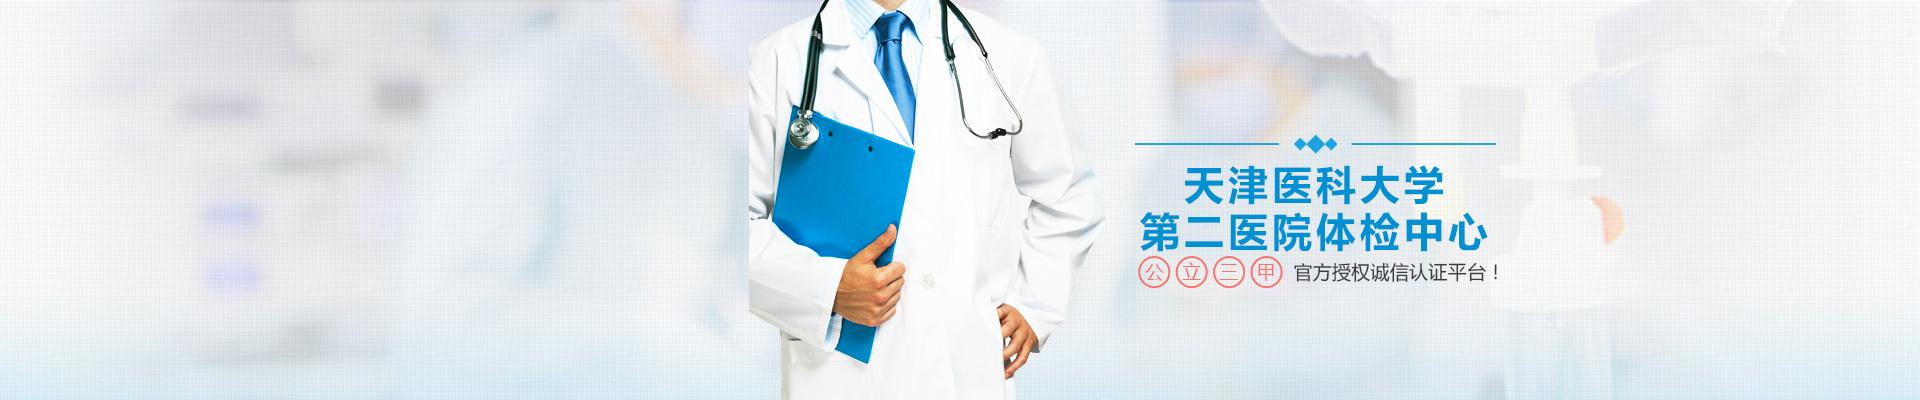 天津医科大学第二医院体检中心